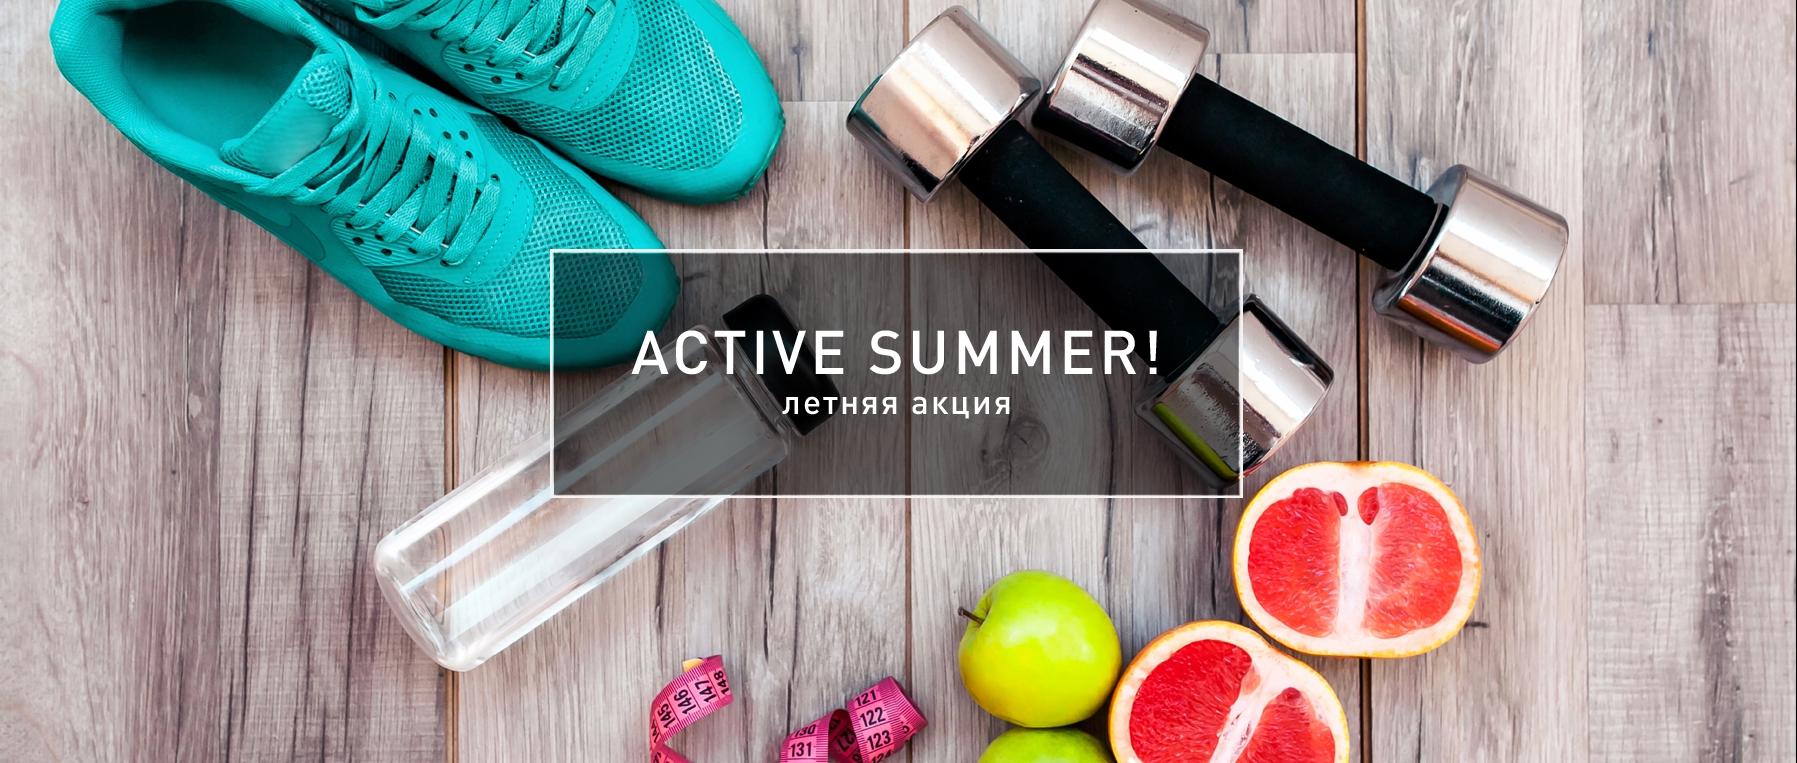 Летняя акция «ACTIVE SUMMER»